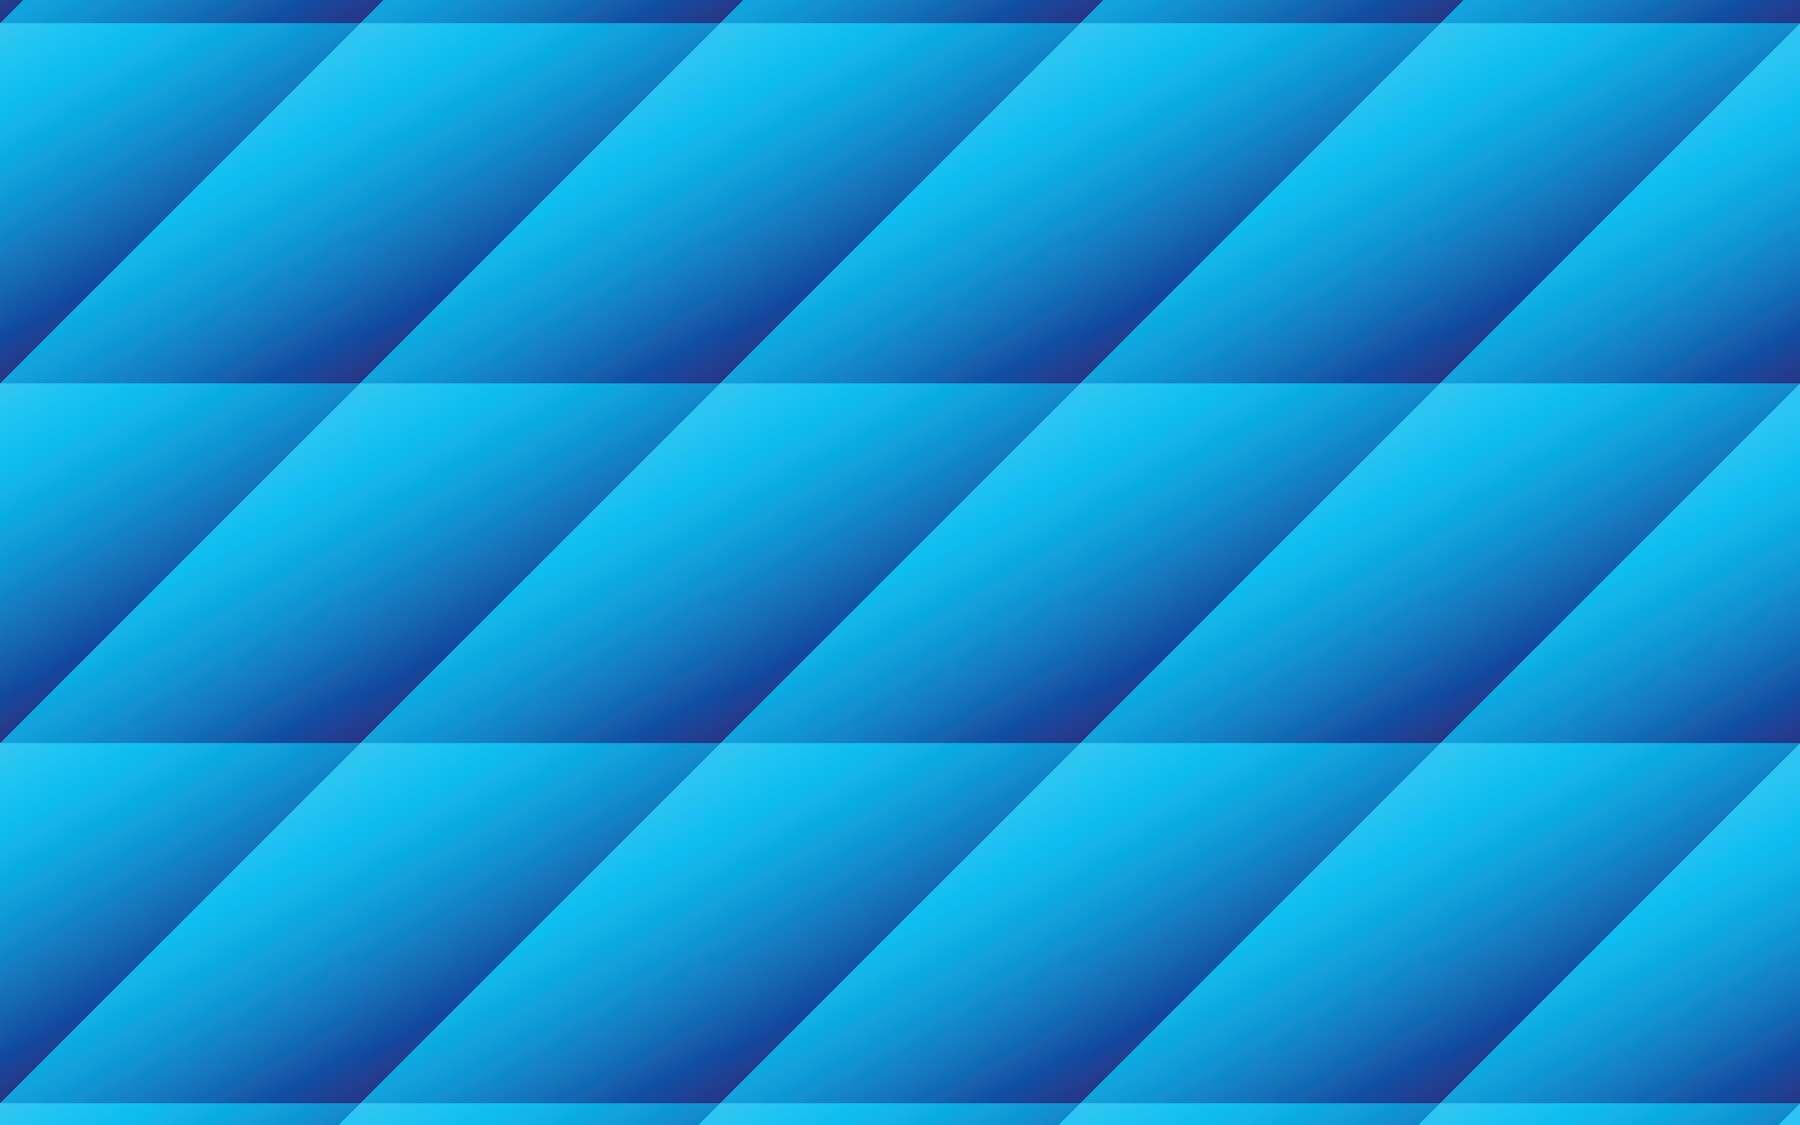 Quadrillage de parallélogrammes. © rfvectors.com, Adobe Stock